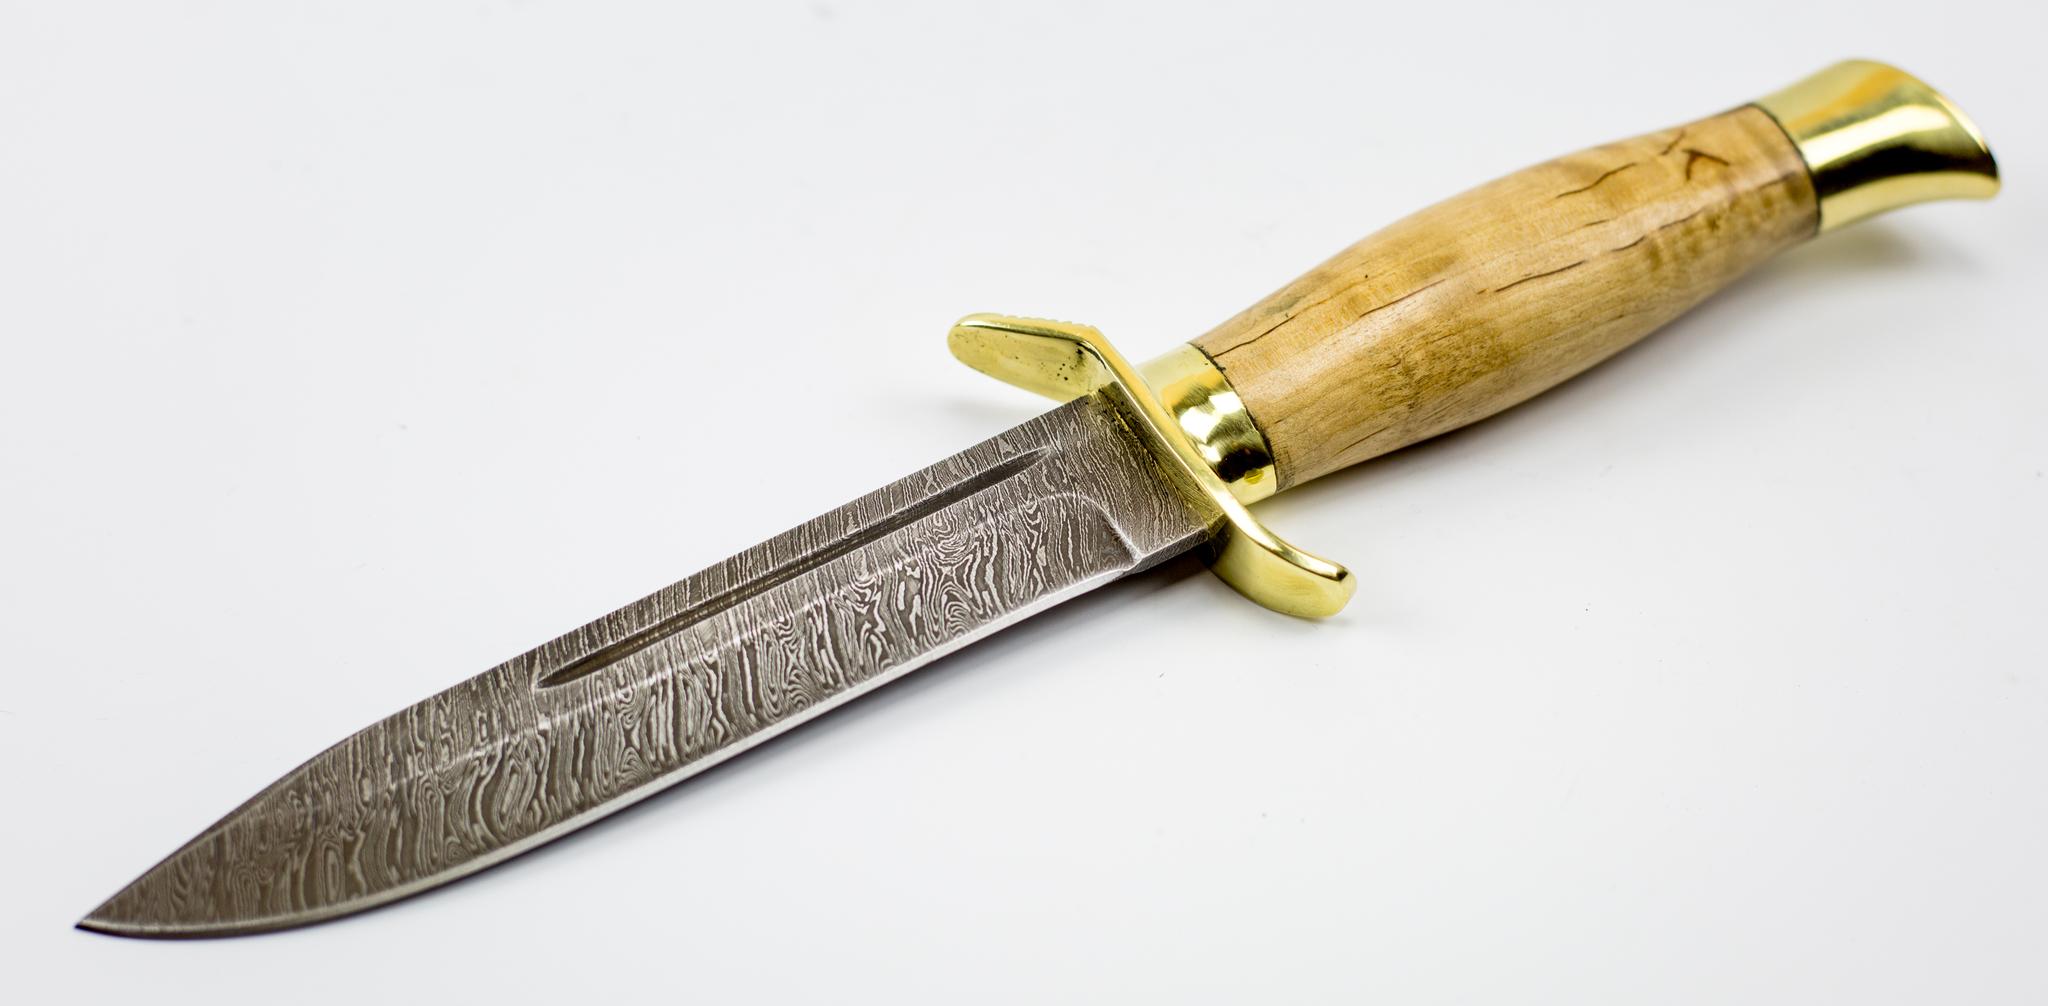 Фото 4 - Нож НР-40, сталь дамаск, карельская береза от Промтехснаб